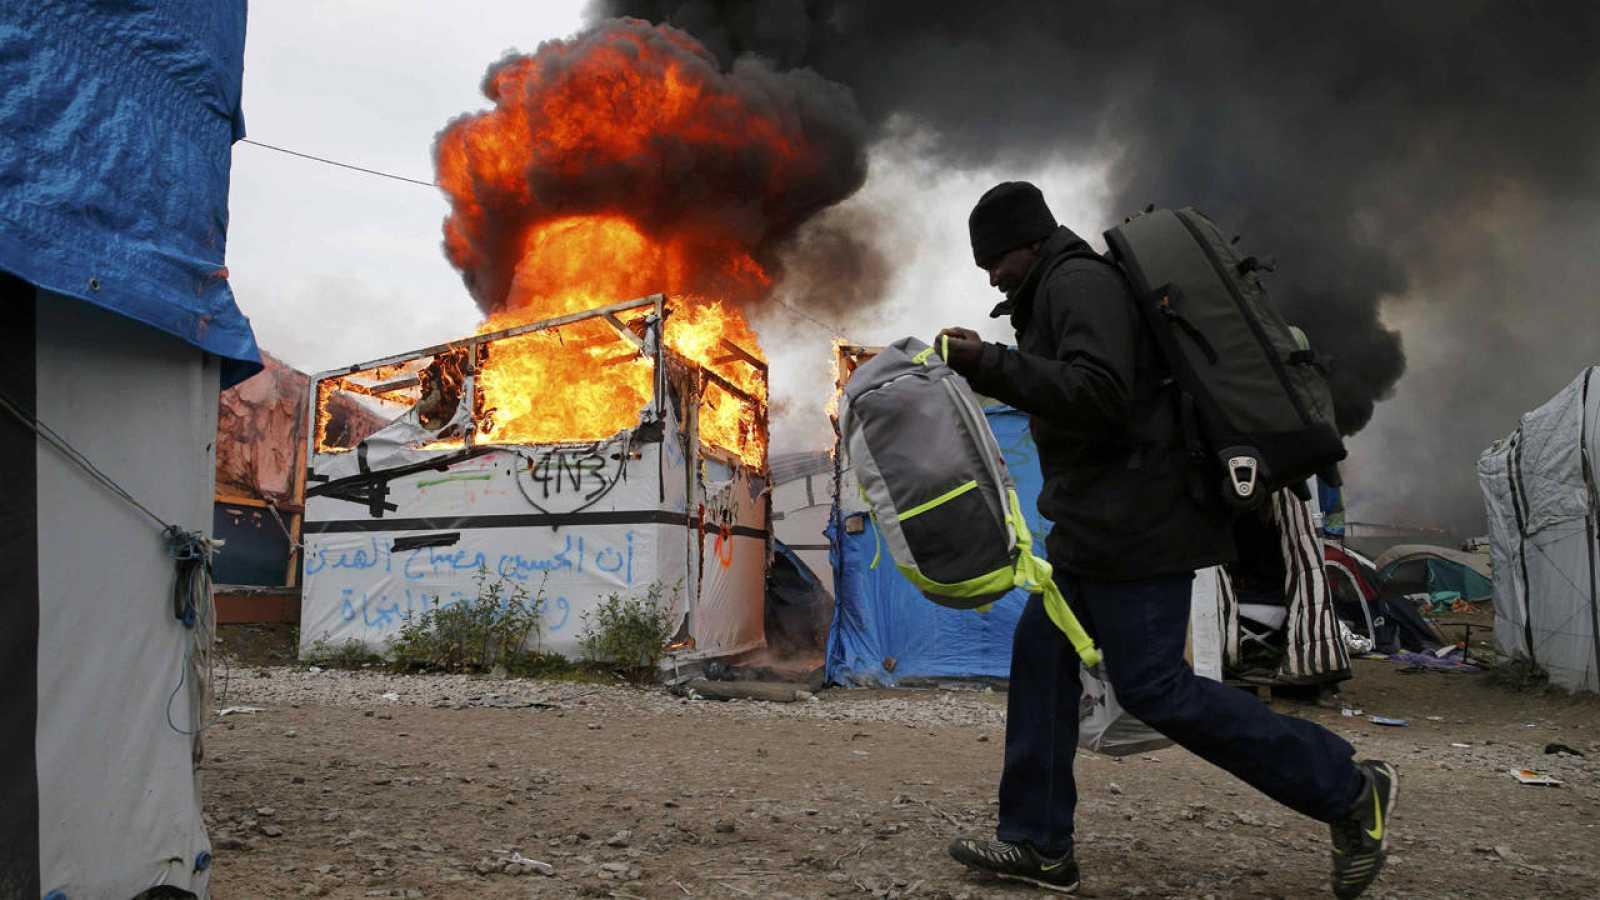 Un migrante pasa con sus pertenencias junto a una chabola en llams en 'La Jungla' de Calais